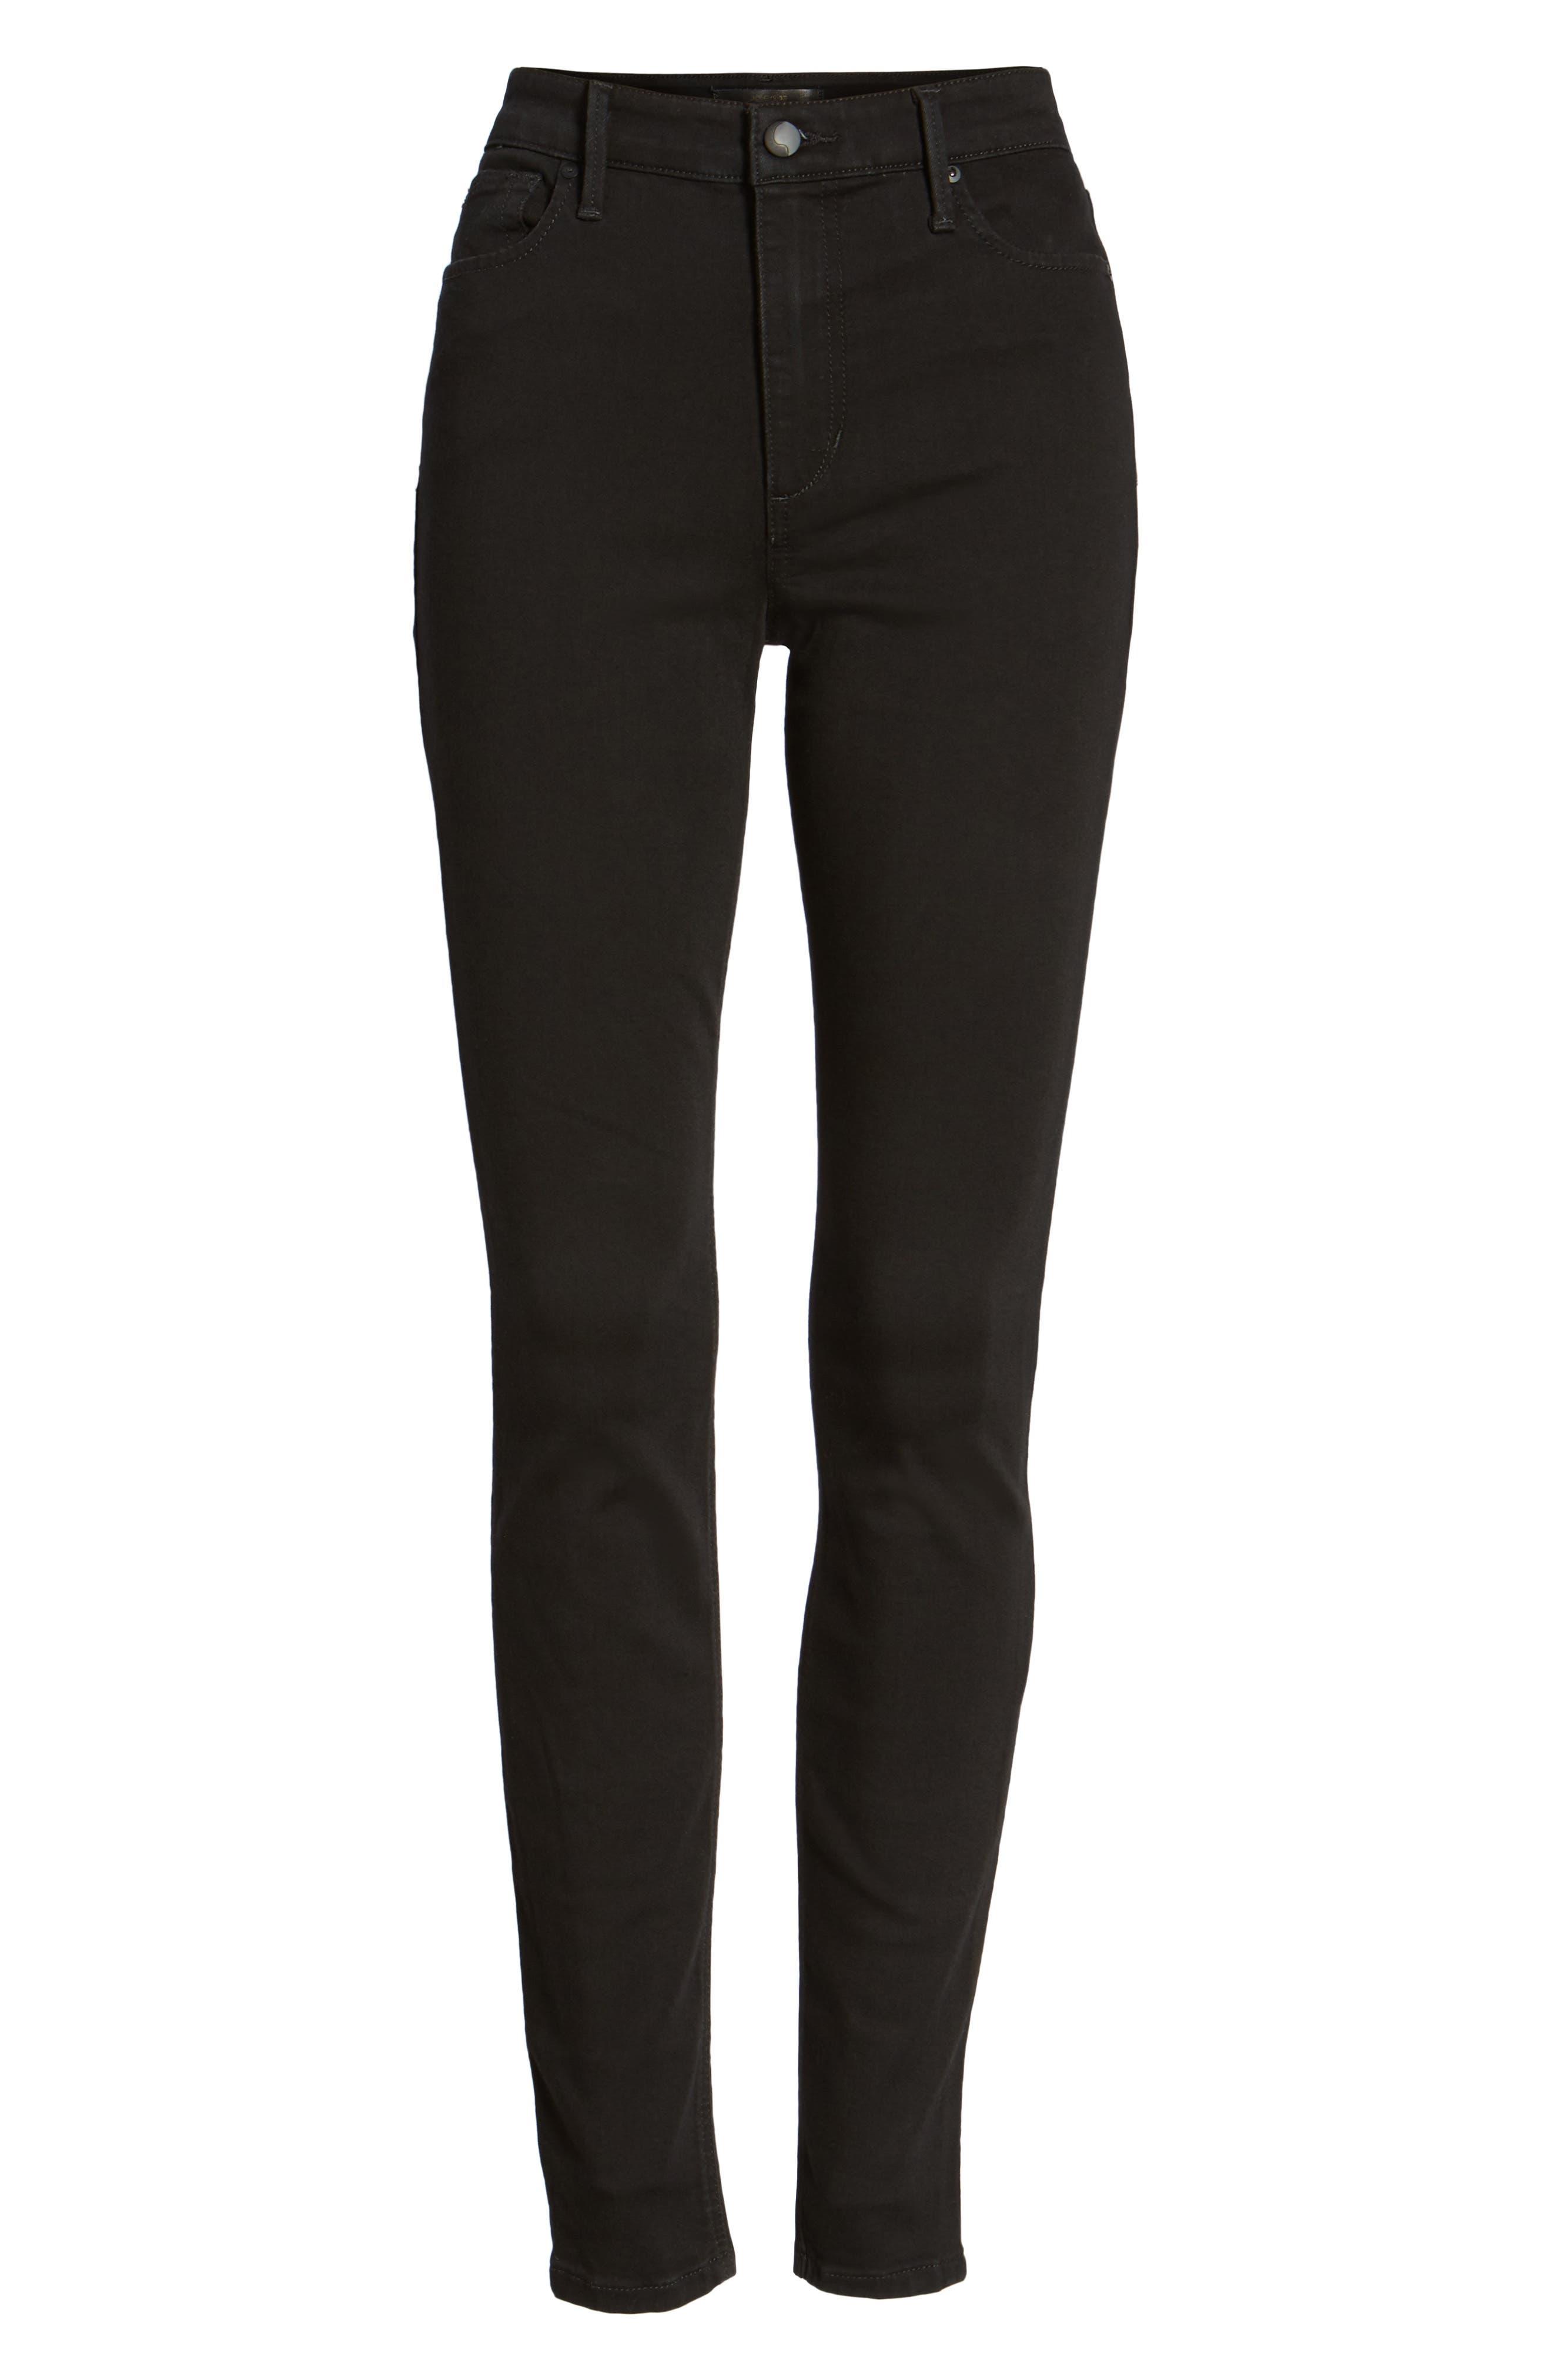 JOE'S,                             'Flawless - Charlie' Skinny Jeans,                             Main thumbnail 1, color,                             REGAN